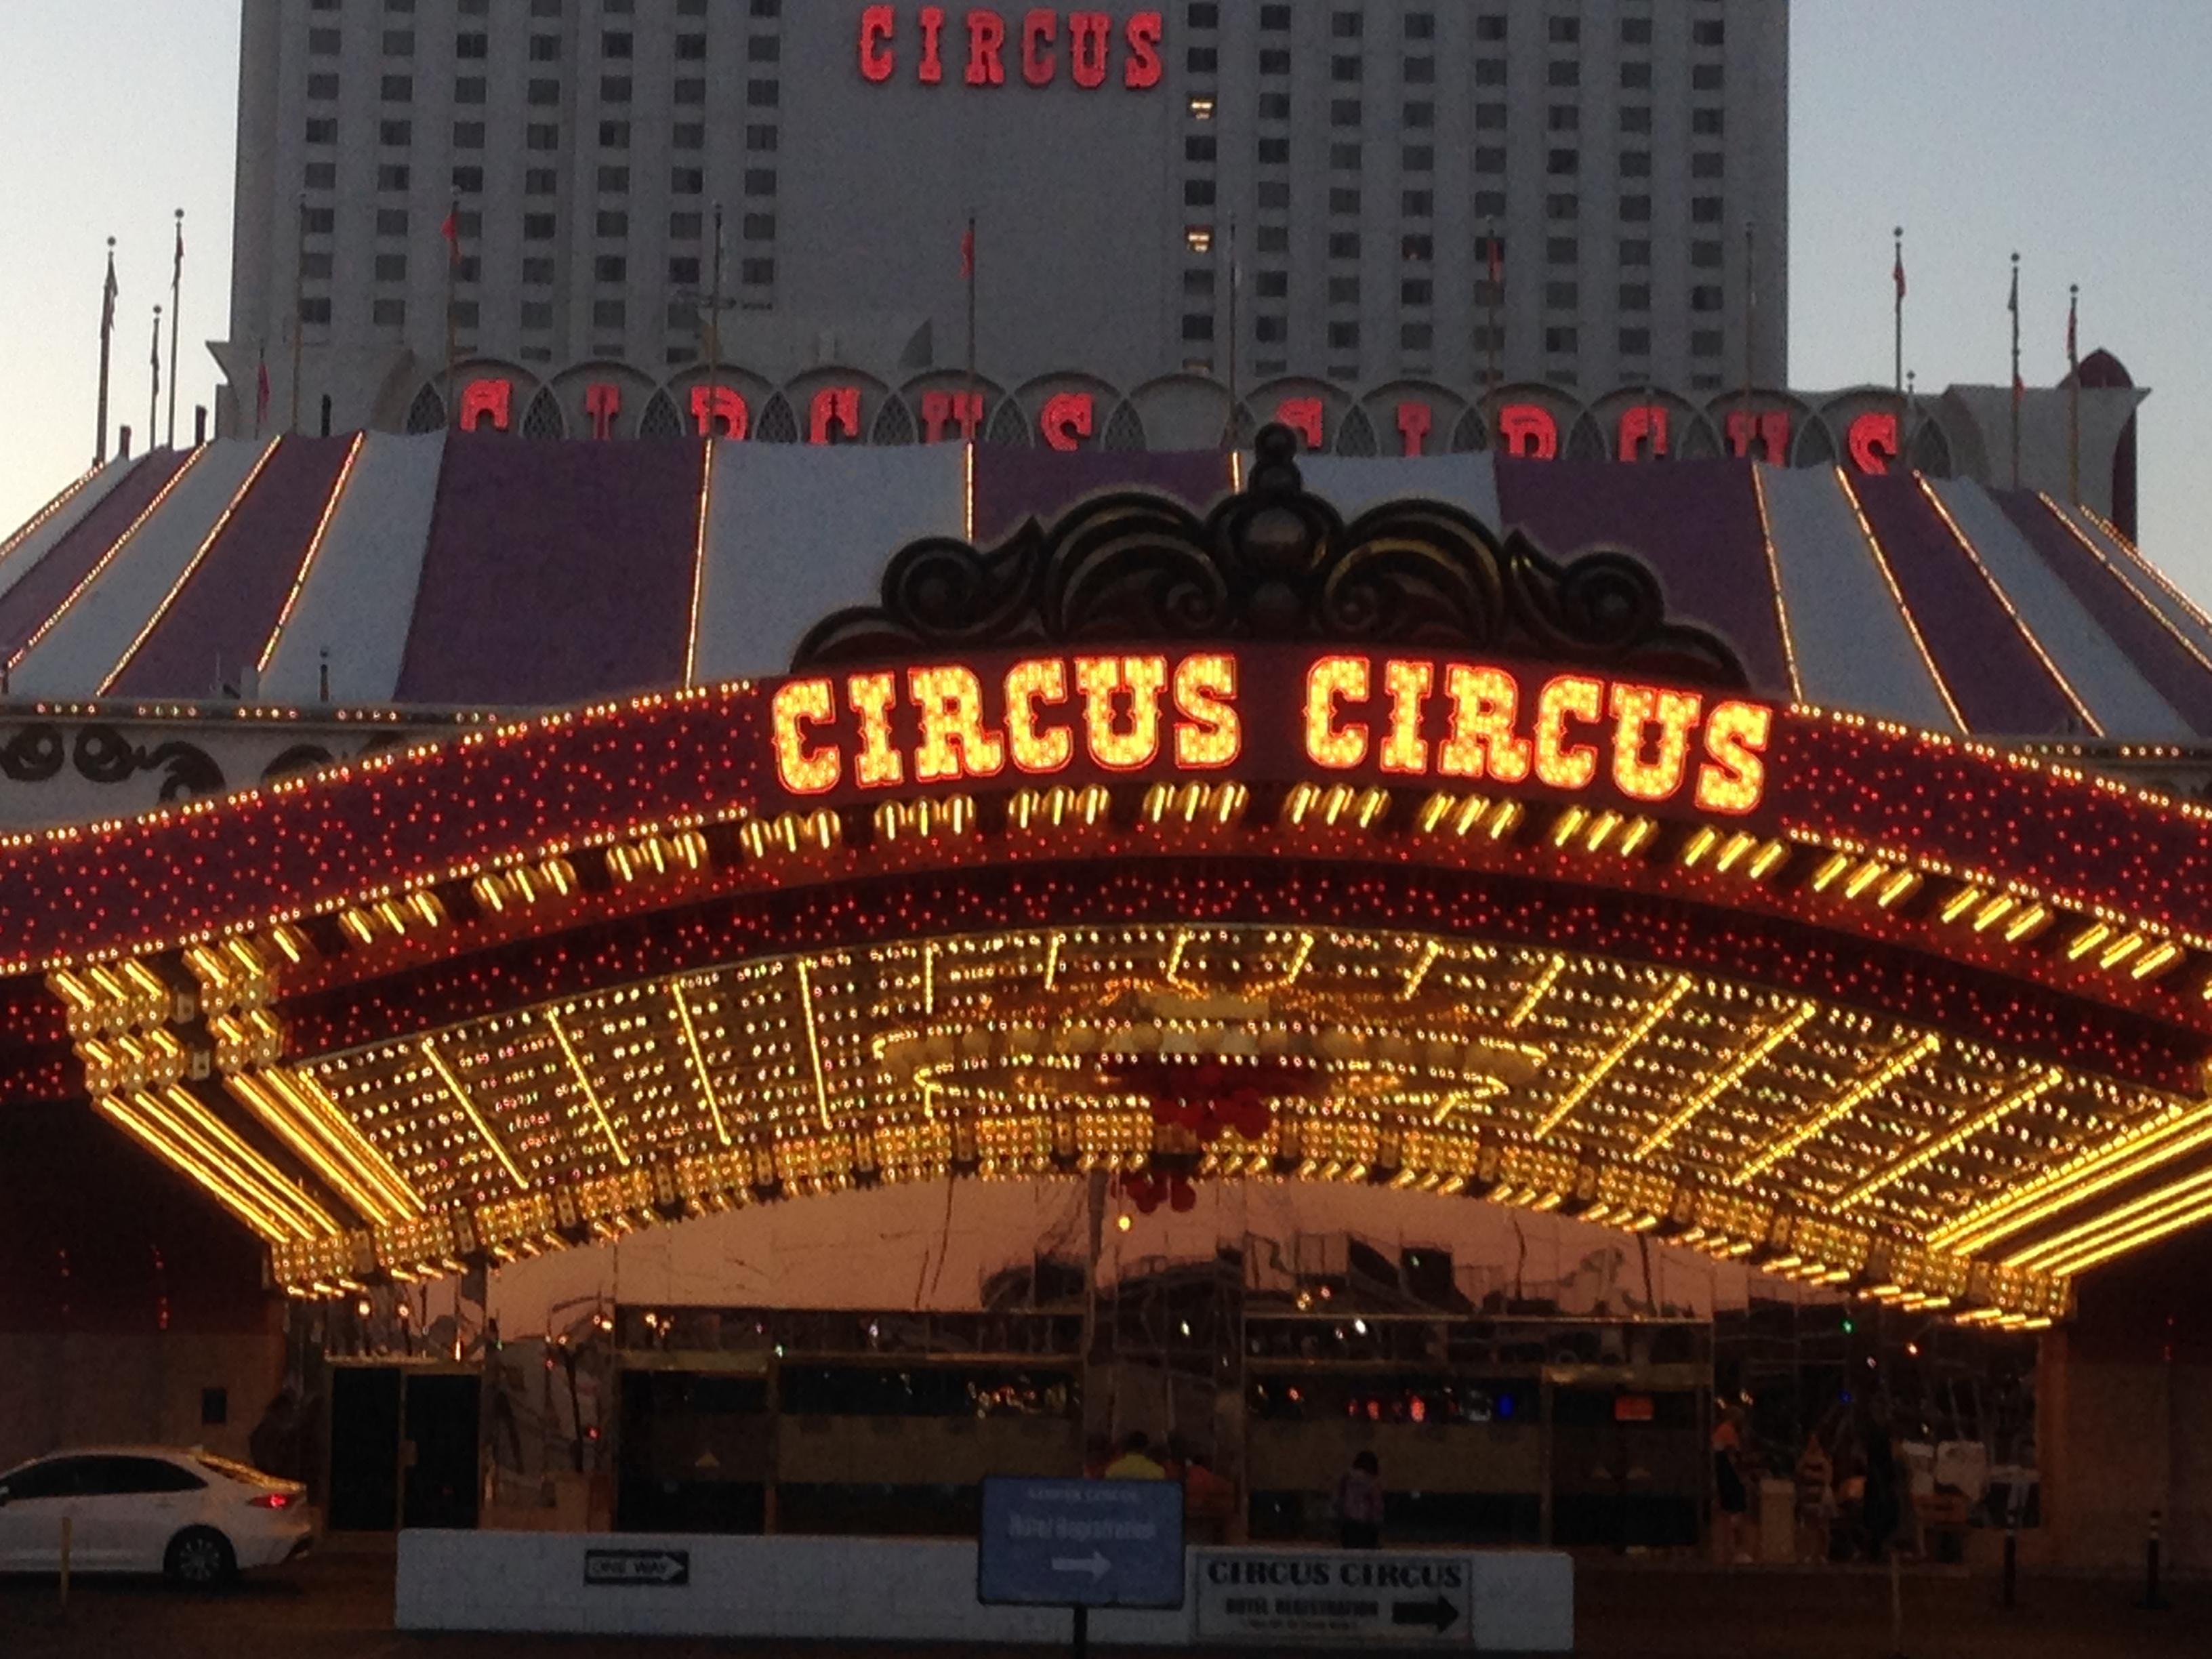 Circus Circus 2019, Circus Circus Light Up Sign, Circus Circus Lights 2019